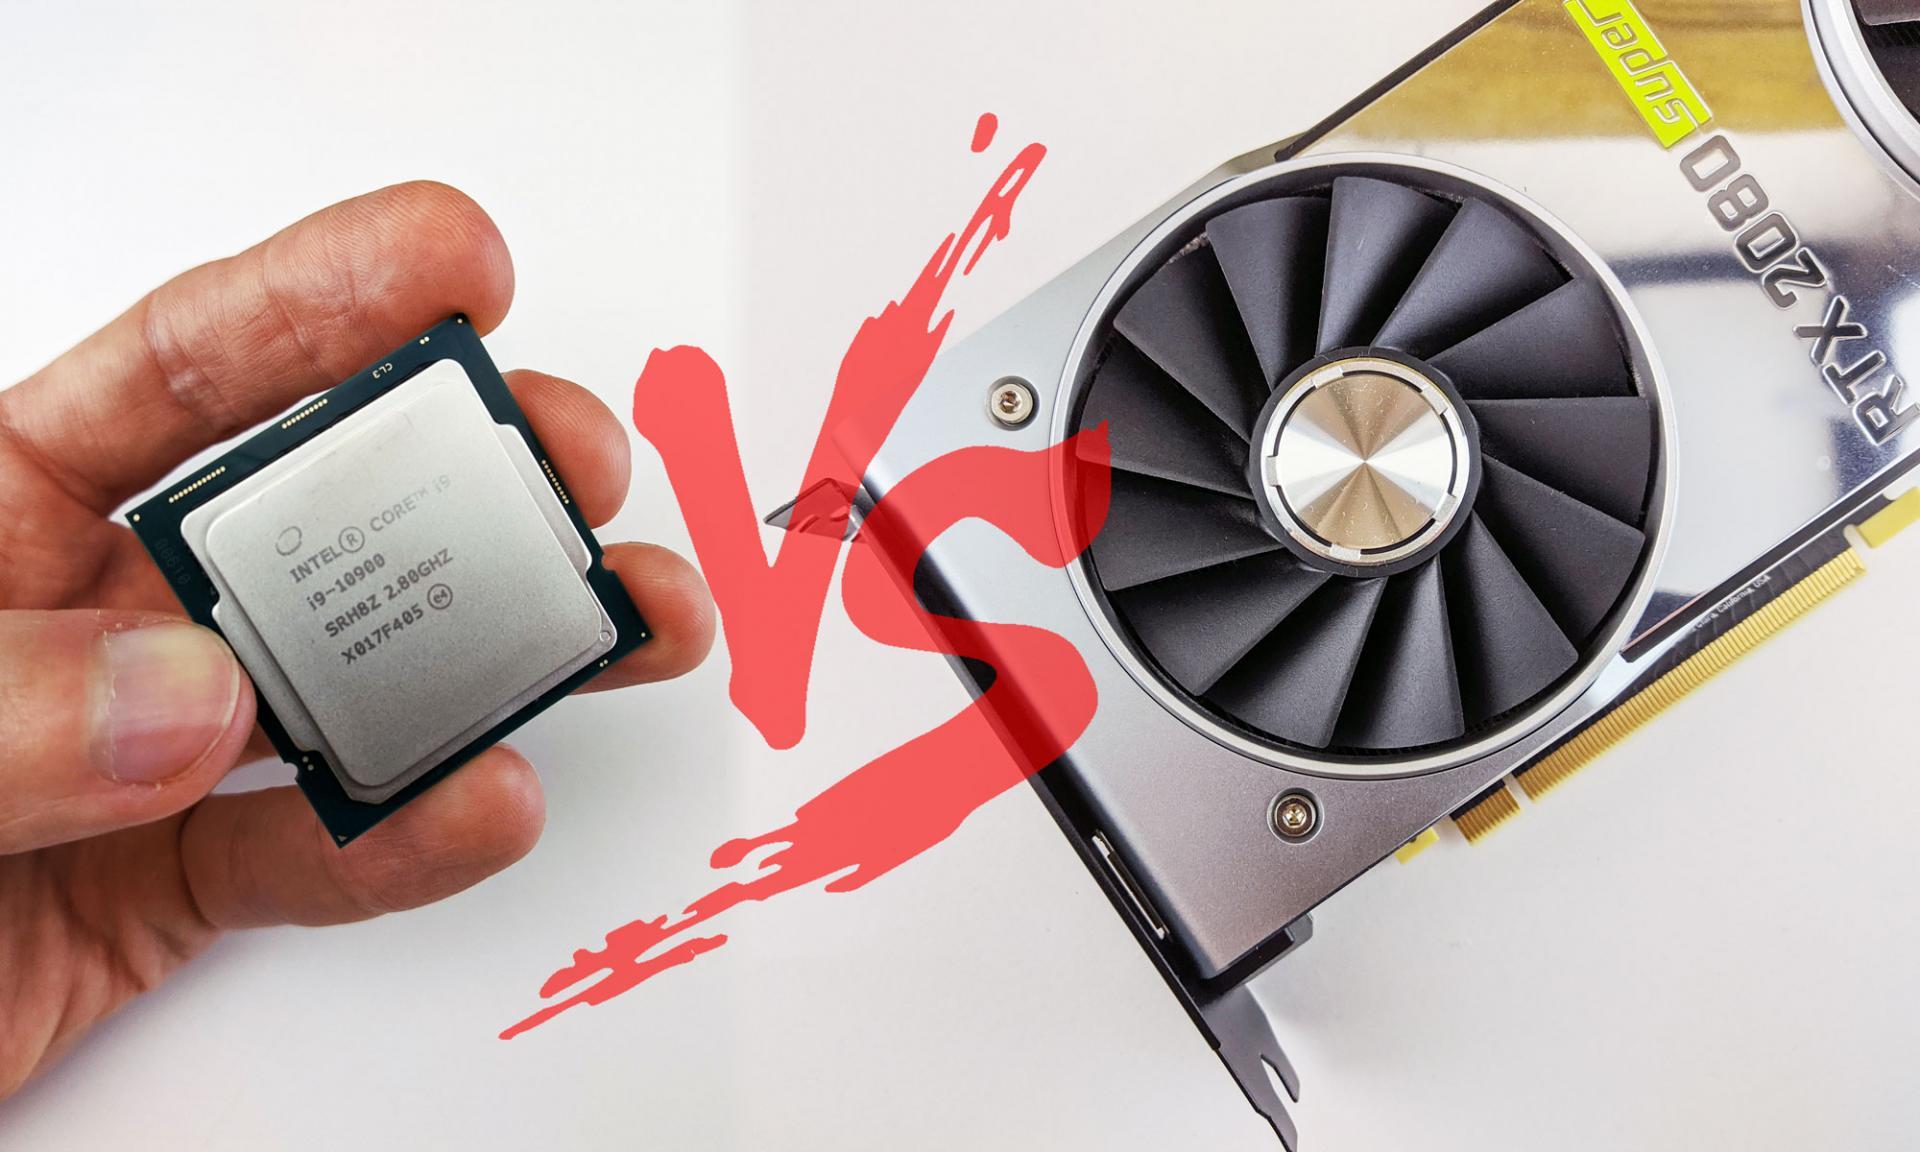 Что сильнее ускорит игры: новый процессор или видеокарта? Проверяем